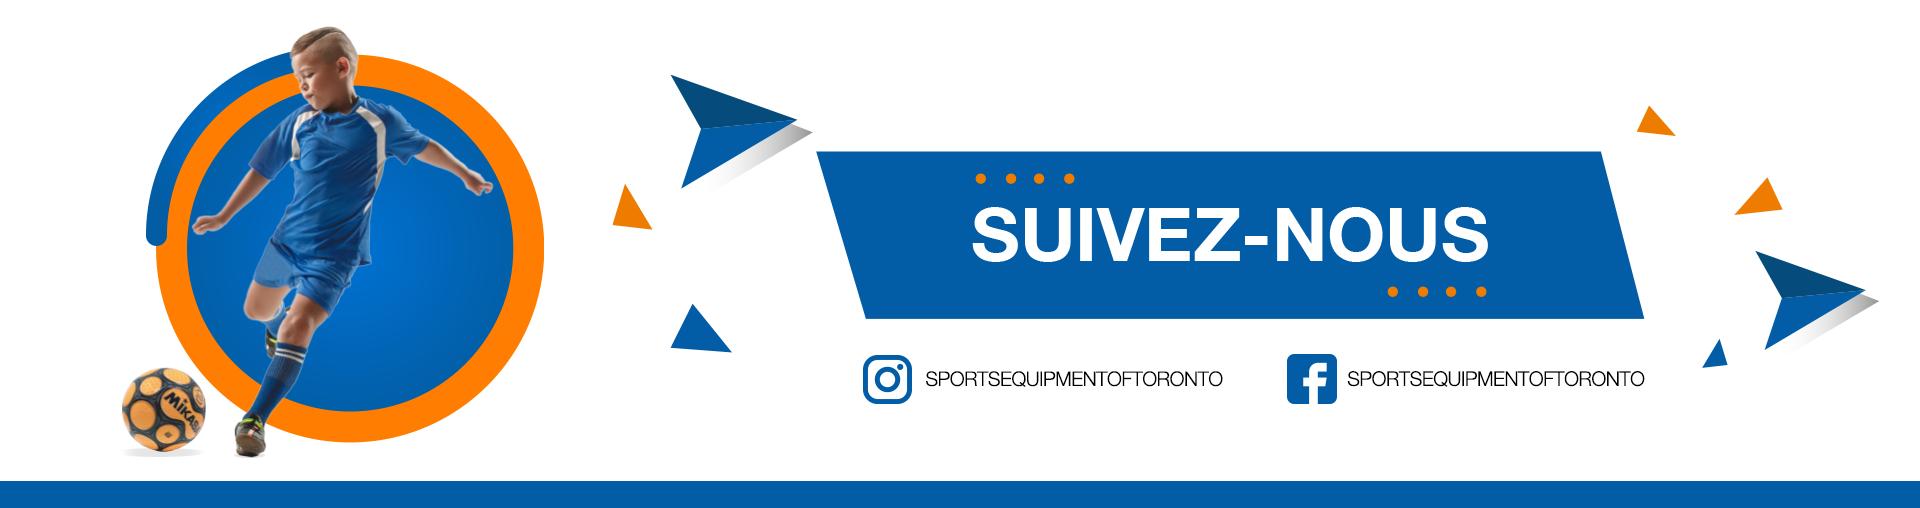 Banniere_SuivezNousSET